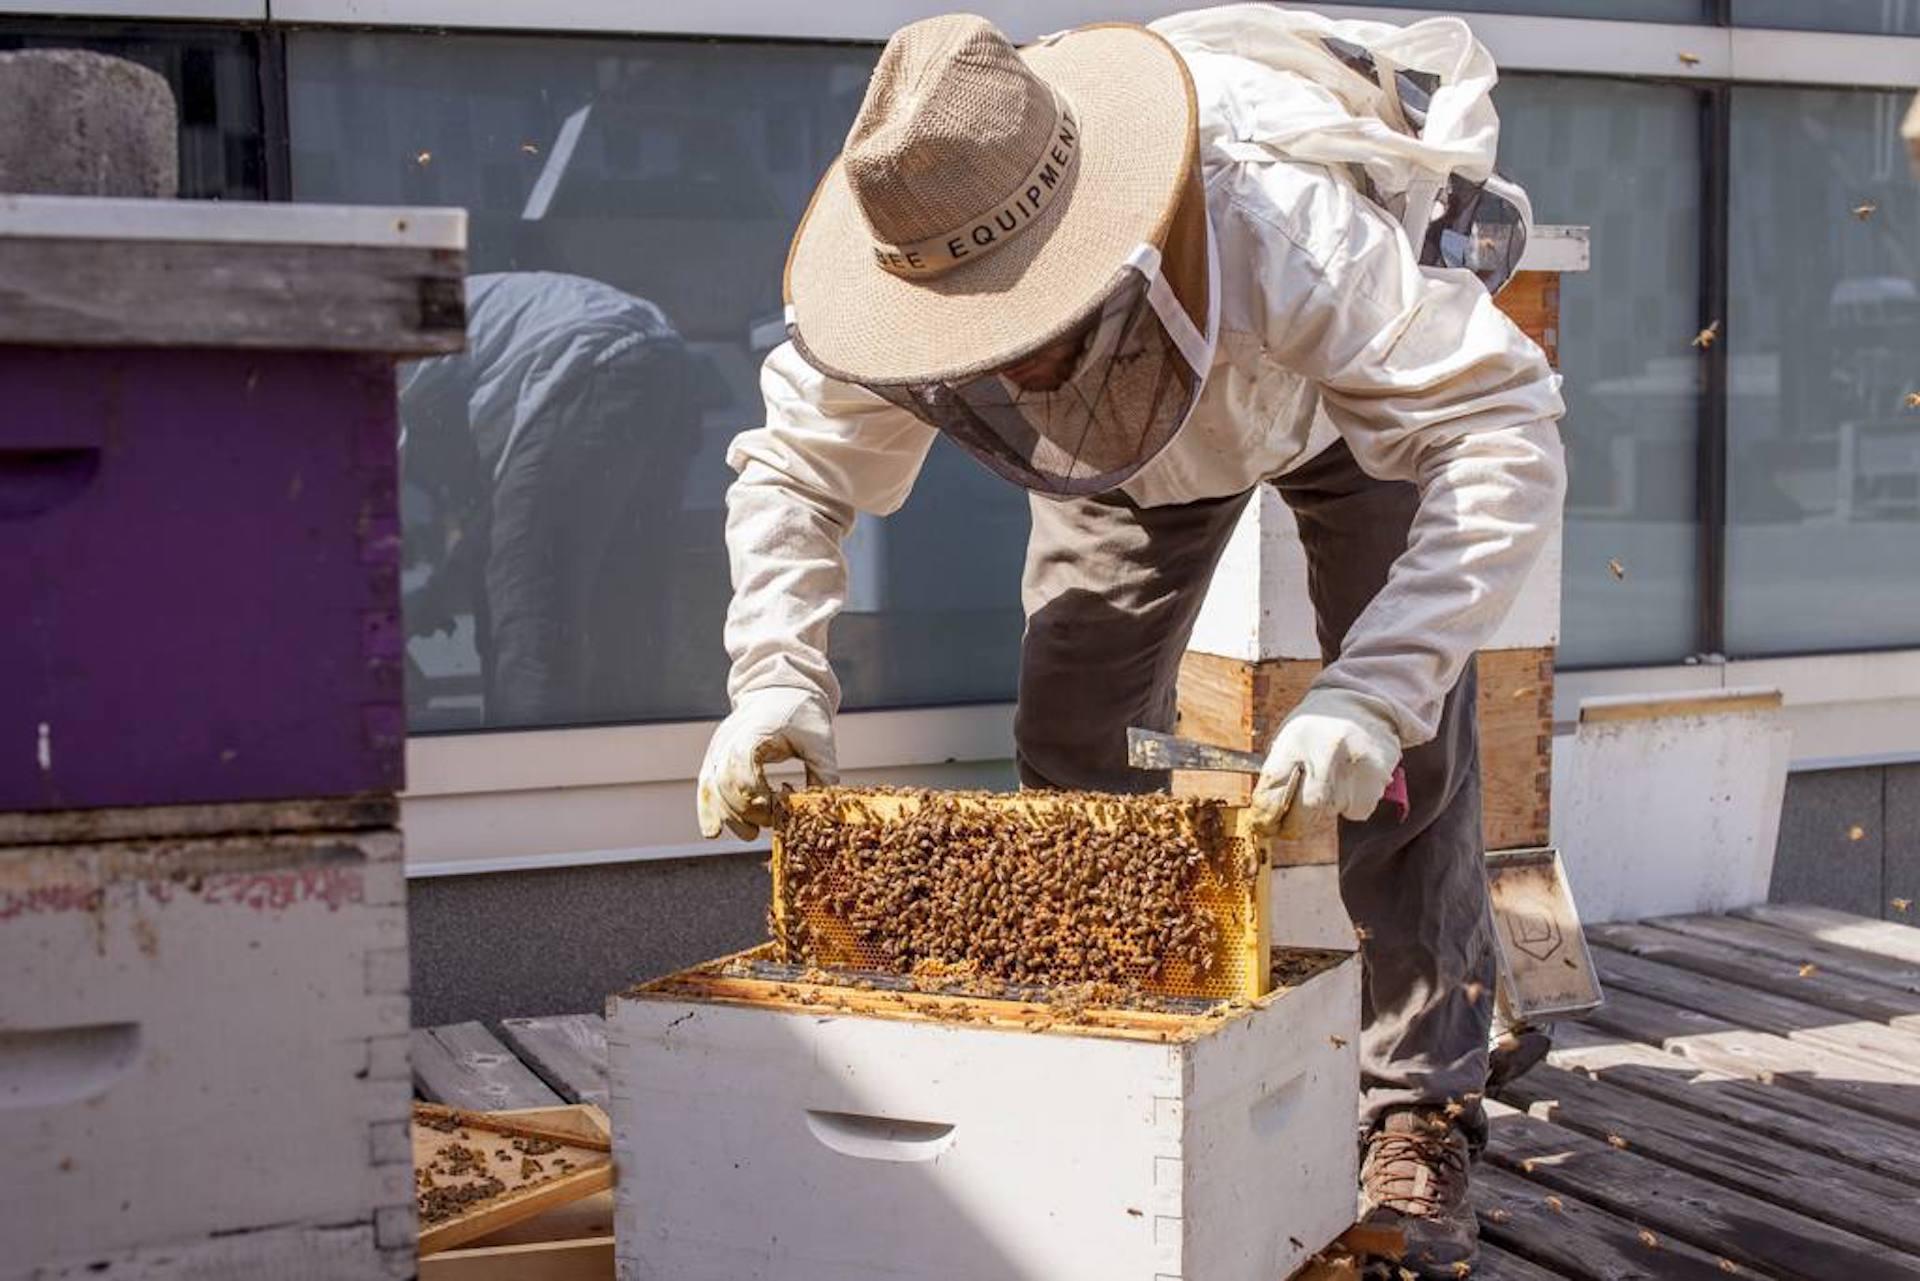 Apiculteur qui travaille sur une ruche sur le toit.